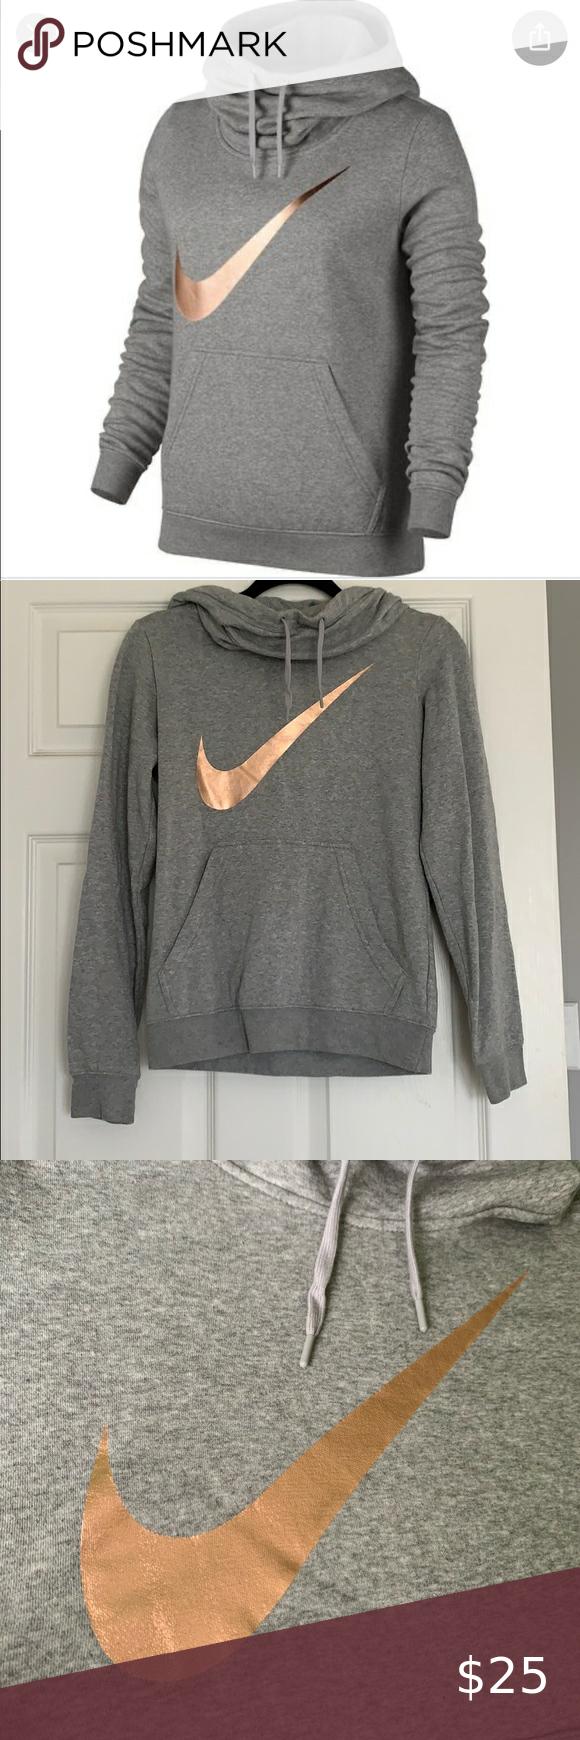 Nike Hoodie Nike Hoodie Grey Nike Hoodie Grey Hoodie [ 1740 x 580 Pixel ]